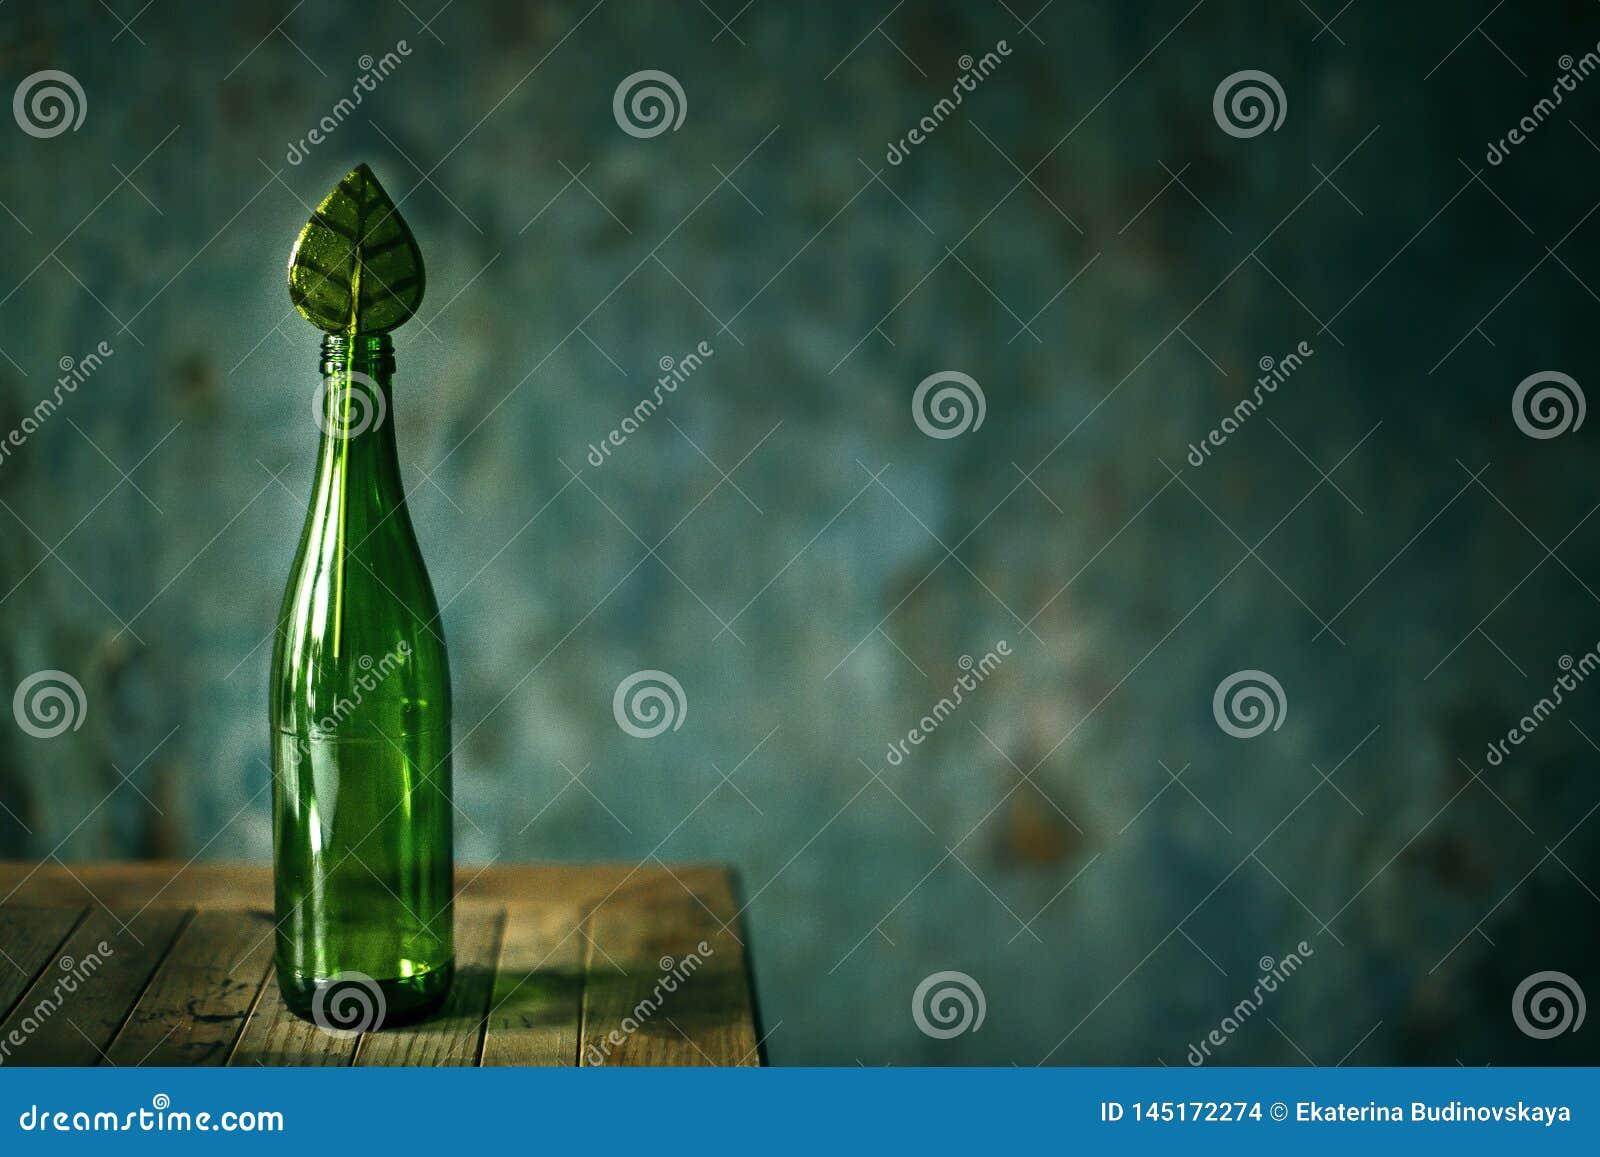 Grüne leere Glasflasche